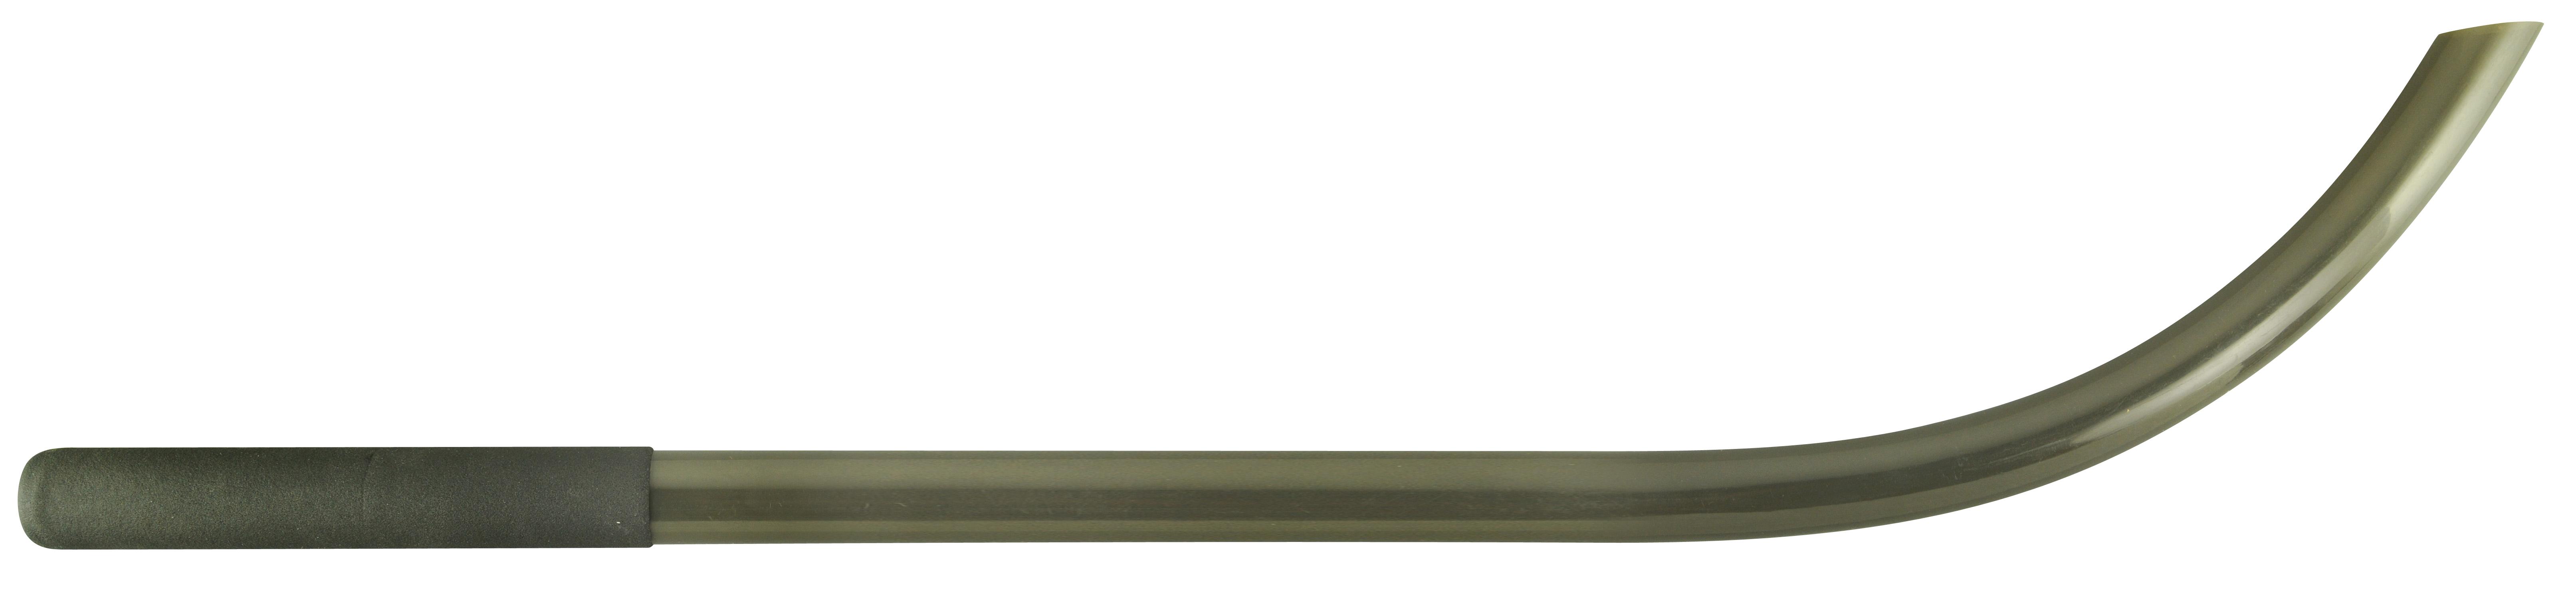 Boilie dobócsõ 30mm